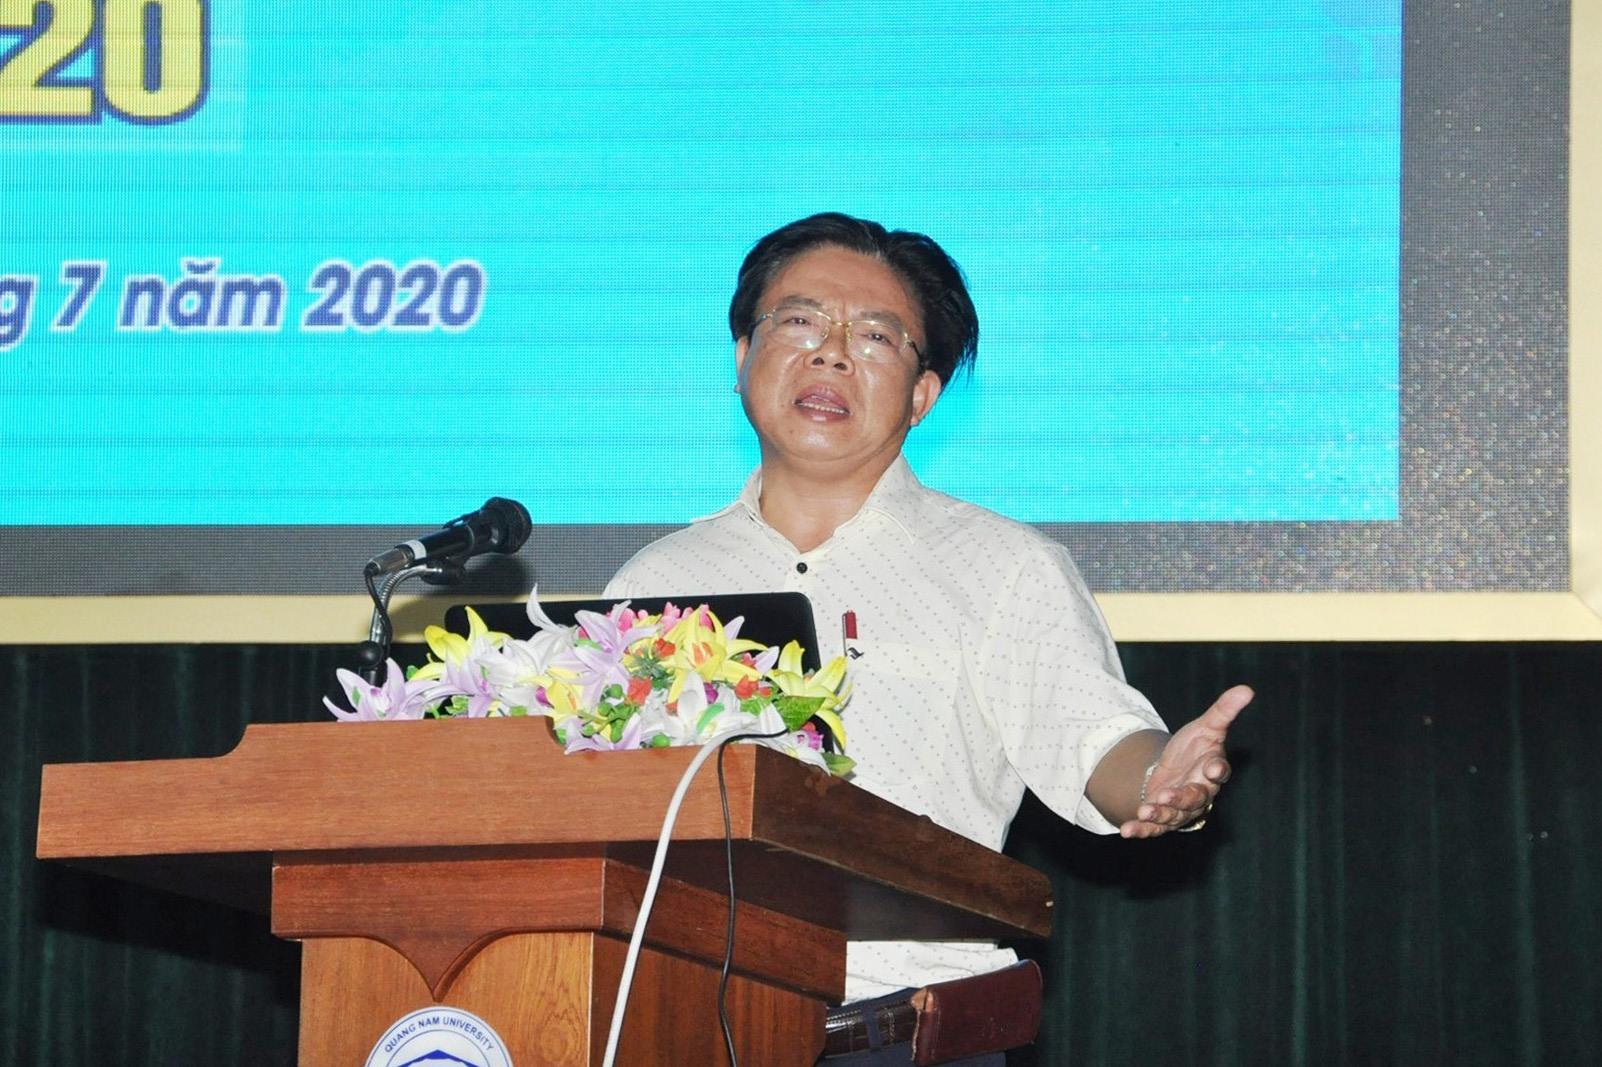 Giám đốc Sở GD-ĐT Hà Thanh Quốc yêu cầu tất cả cán bộ làm công tác thi phải nắm vững quy chế thi. Ảnh: X.P